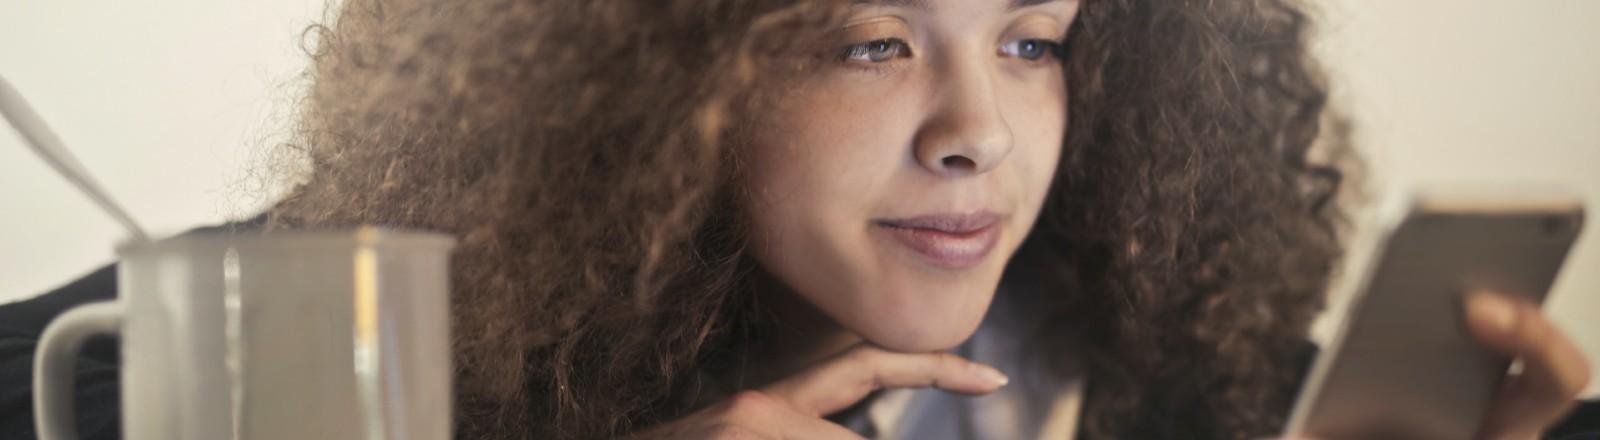 Eine Frau schaut sehnsuchtsvoll ins Handy.